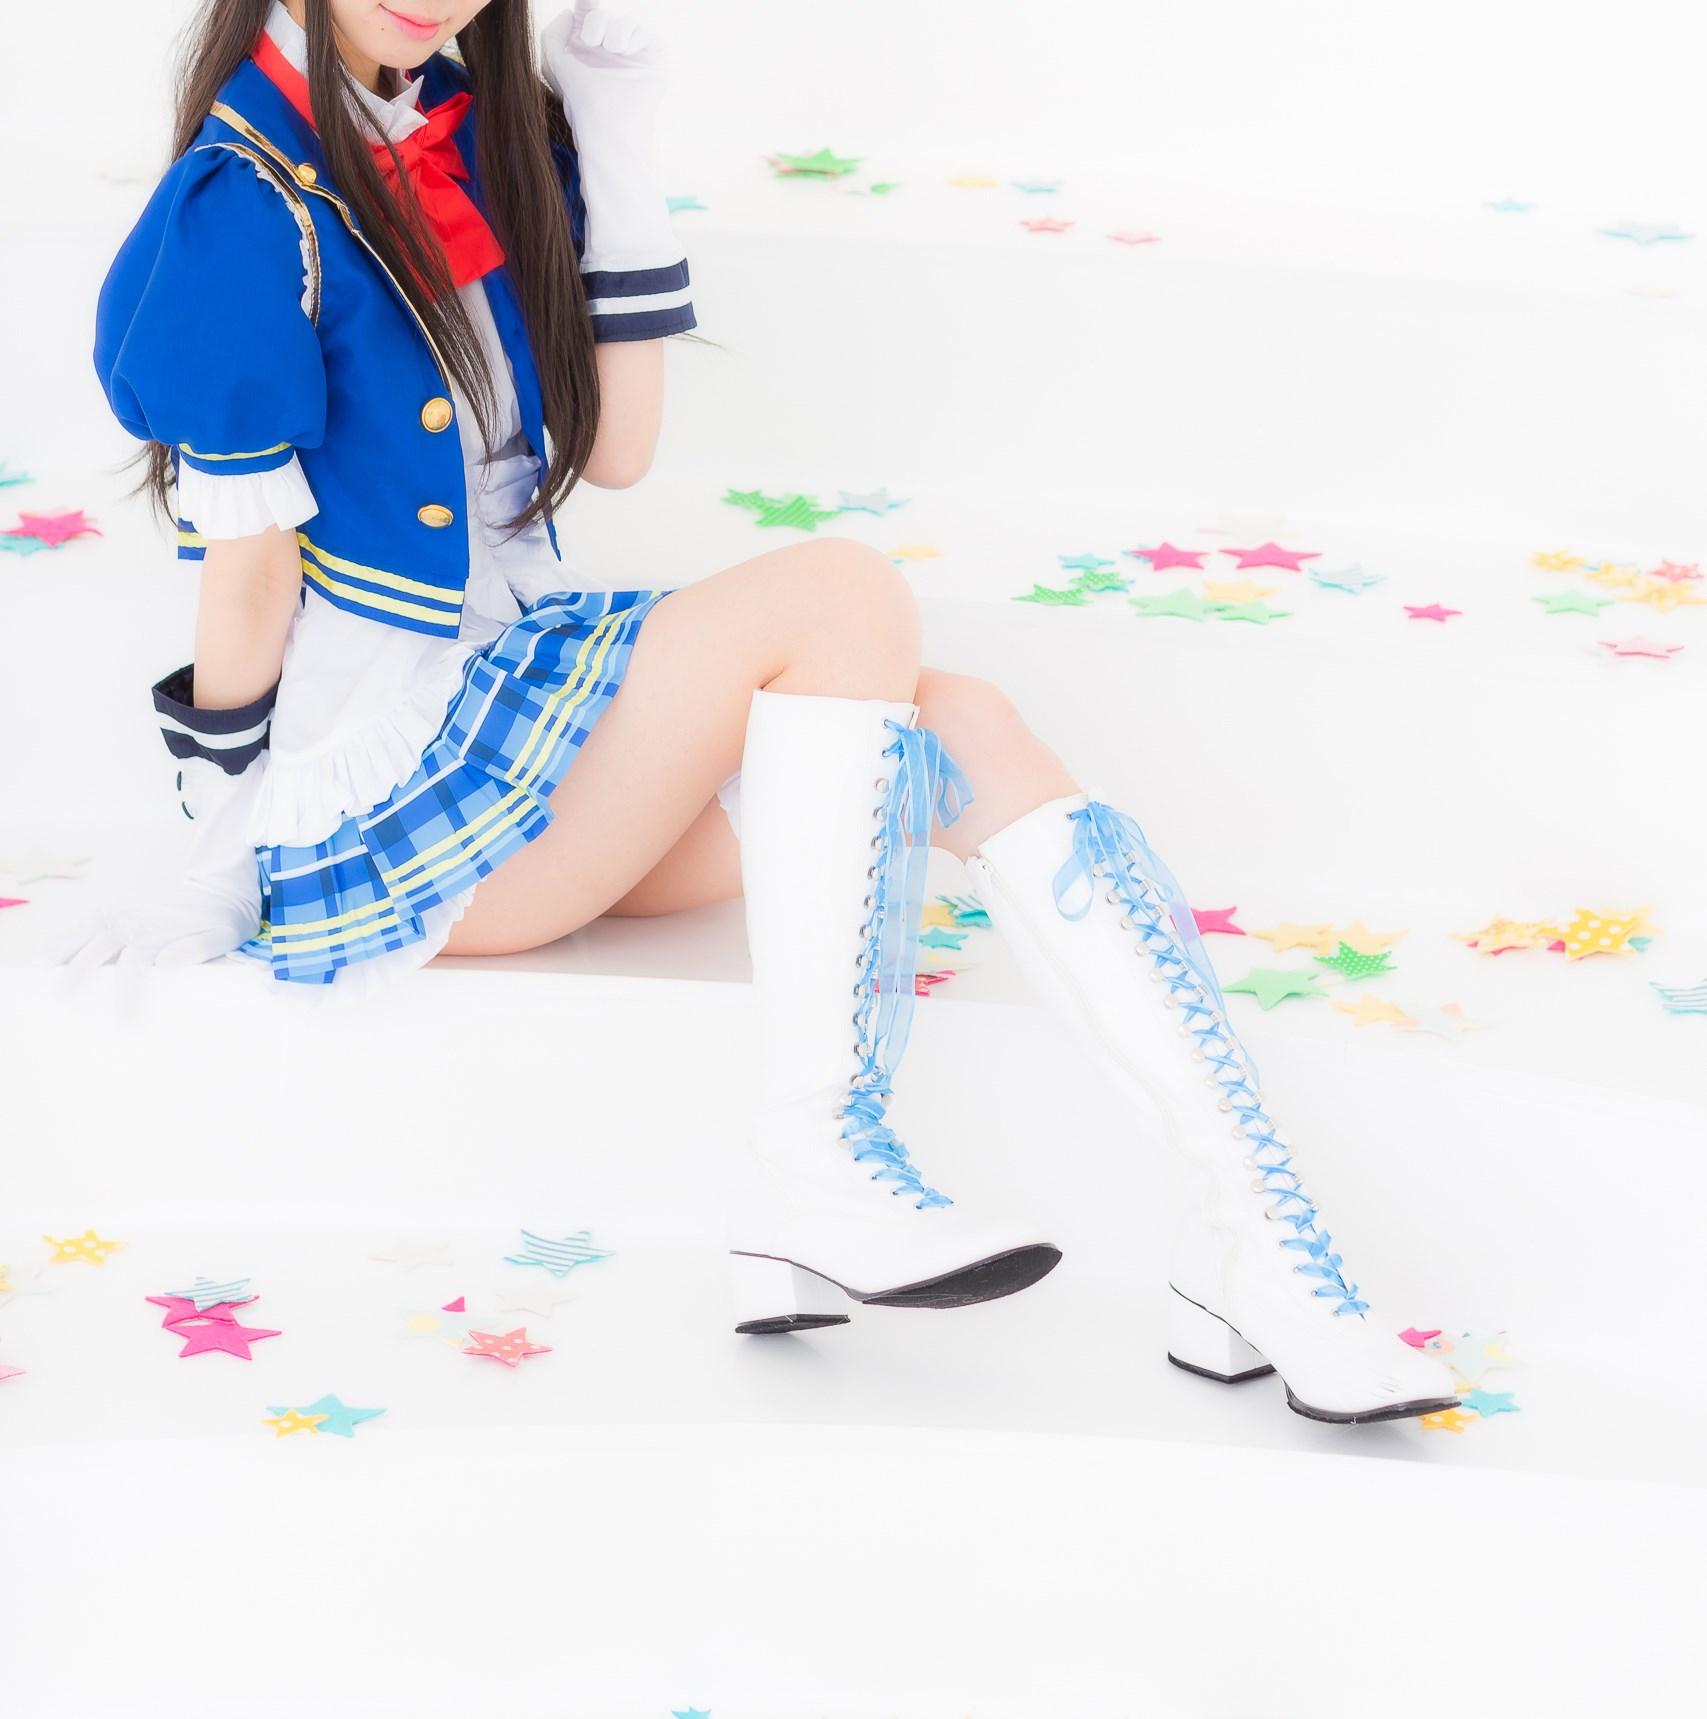 【兔玩映画】少女制服爱豆 兔玩映画 第50张